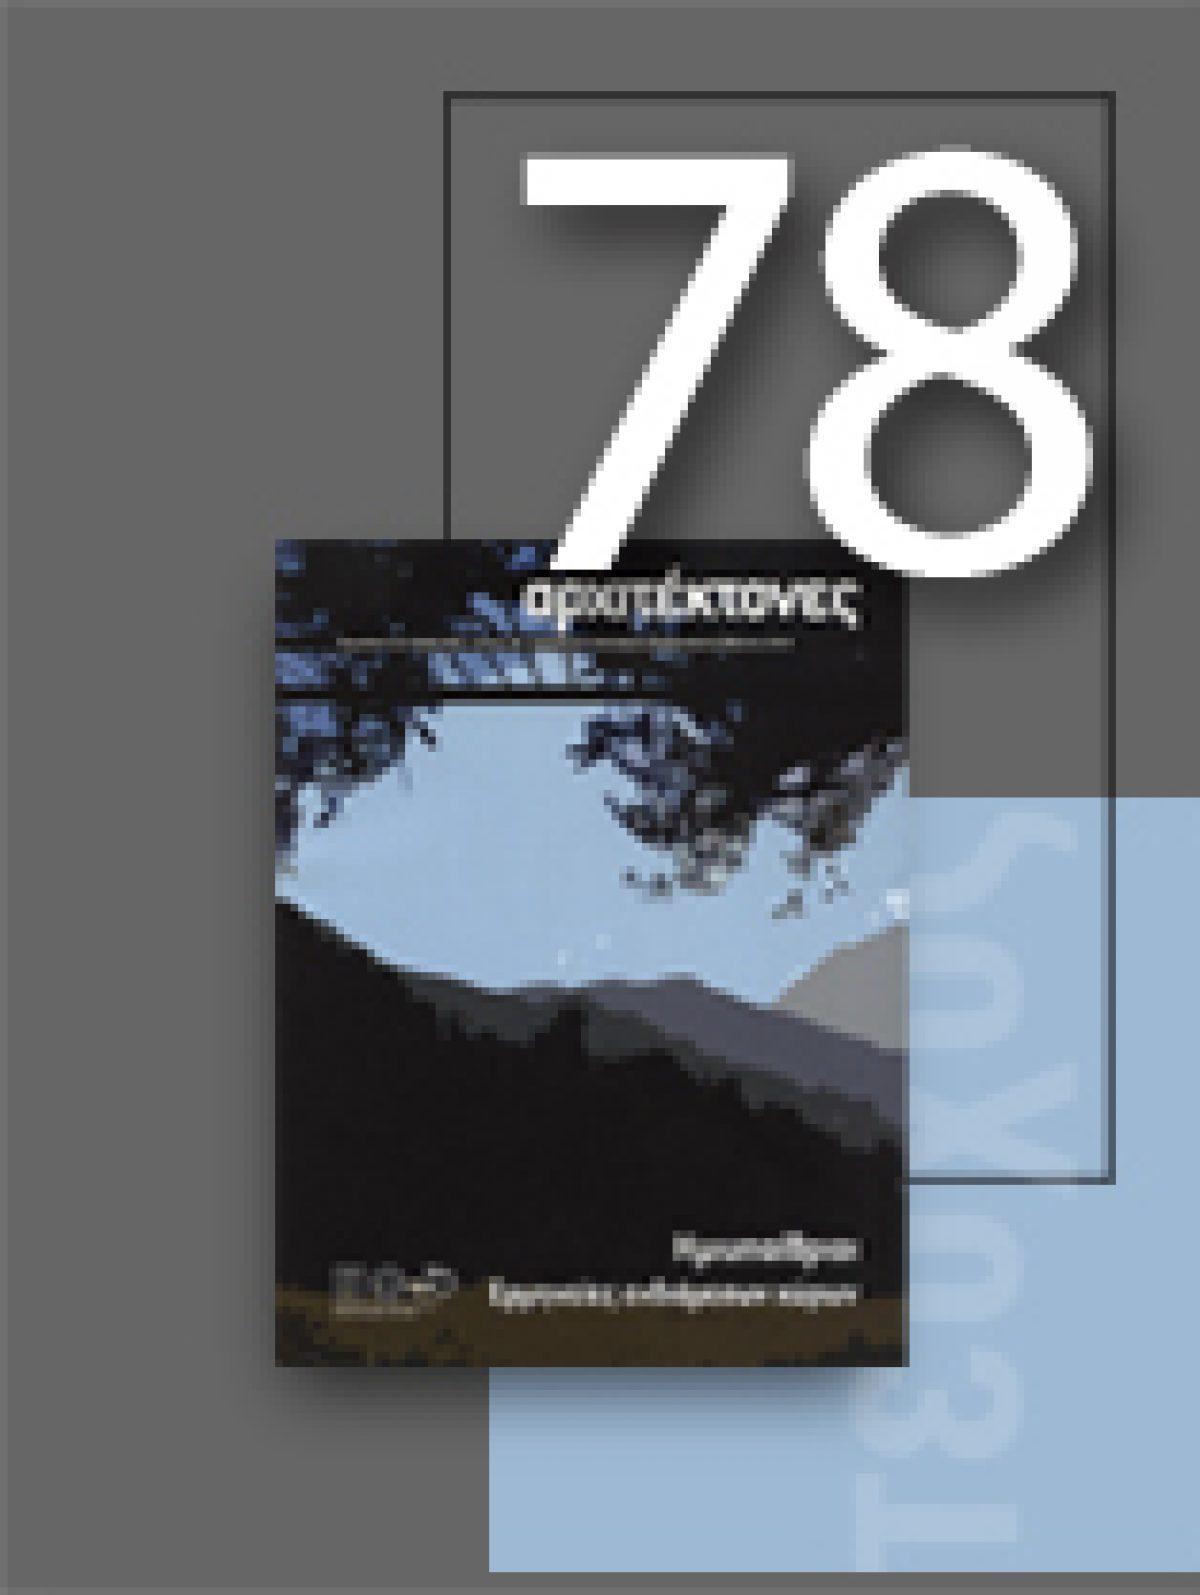 «Αρχιτέκτονες» Τεύχος 78, Περίοδος Β', Ιανουάριος/Φεβρουάριος/Μάρτιος 2010   Ημιυπαίθριοι – Ερμηνείες ενδιάμεσων χώρων